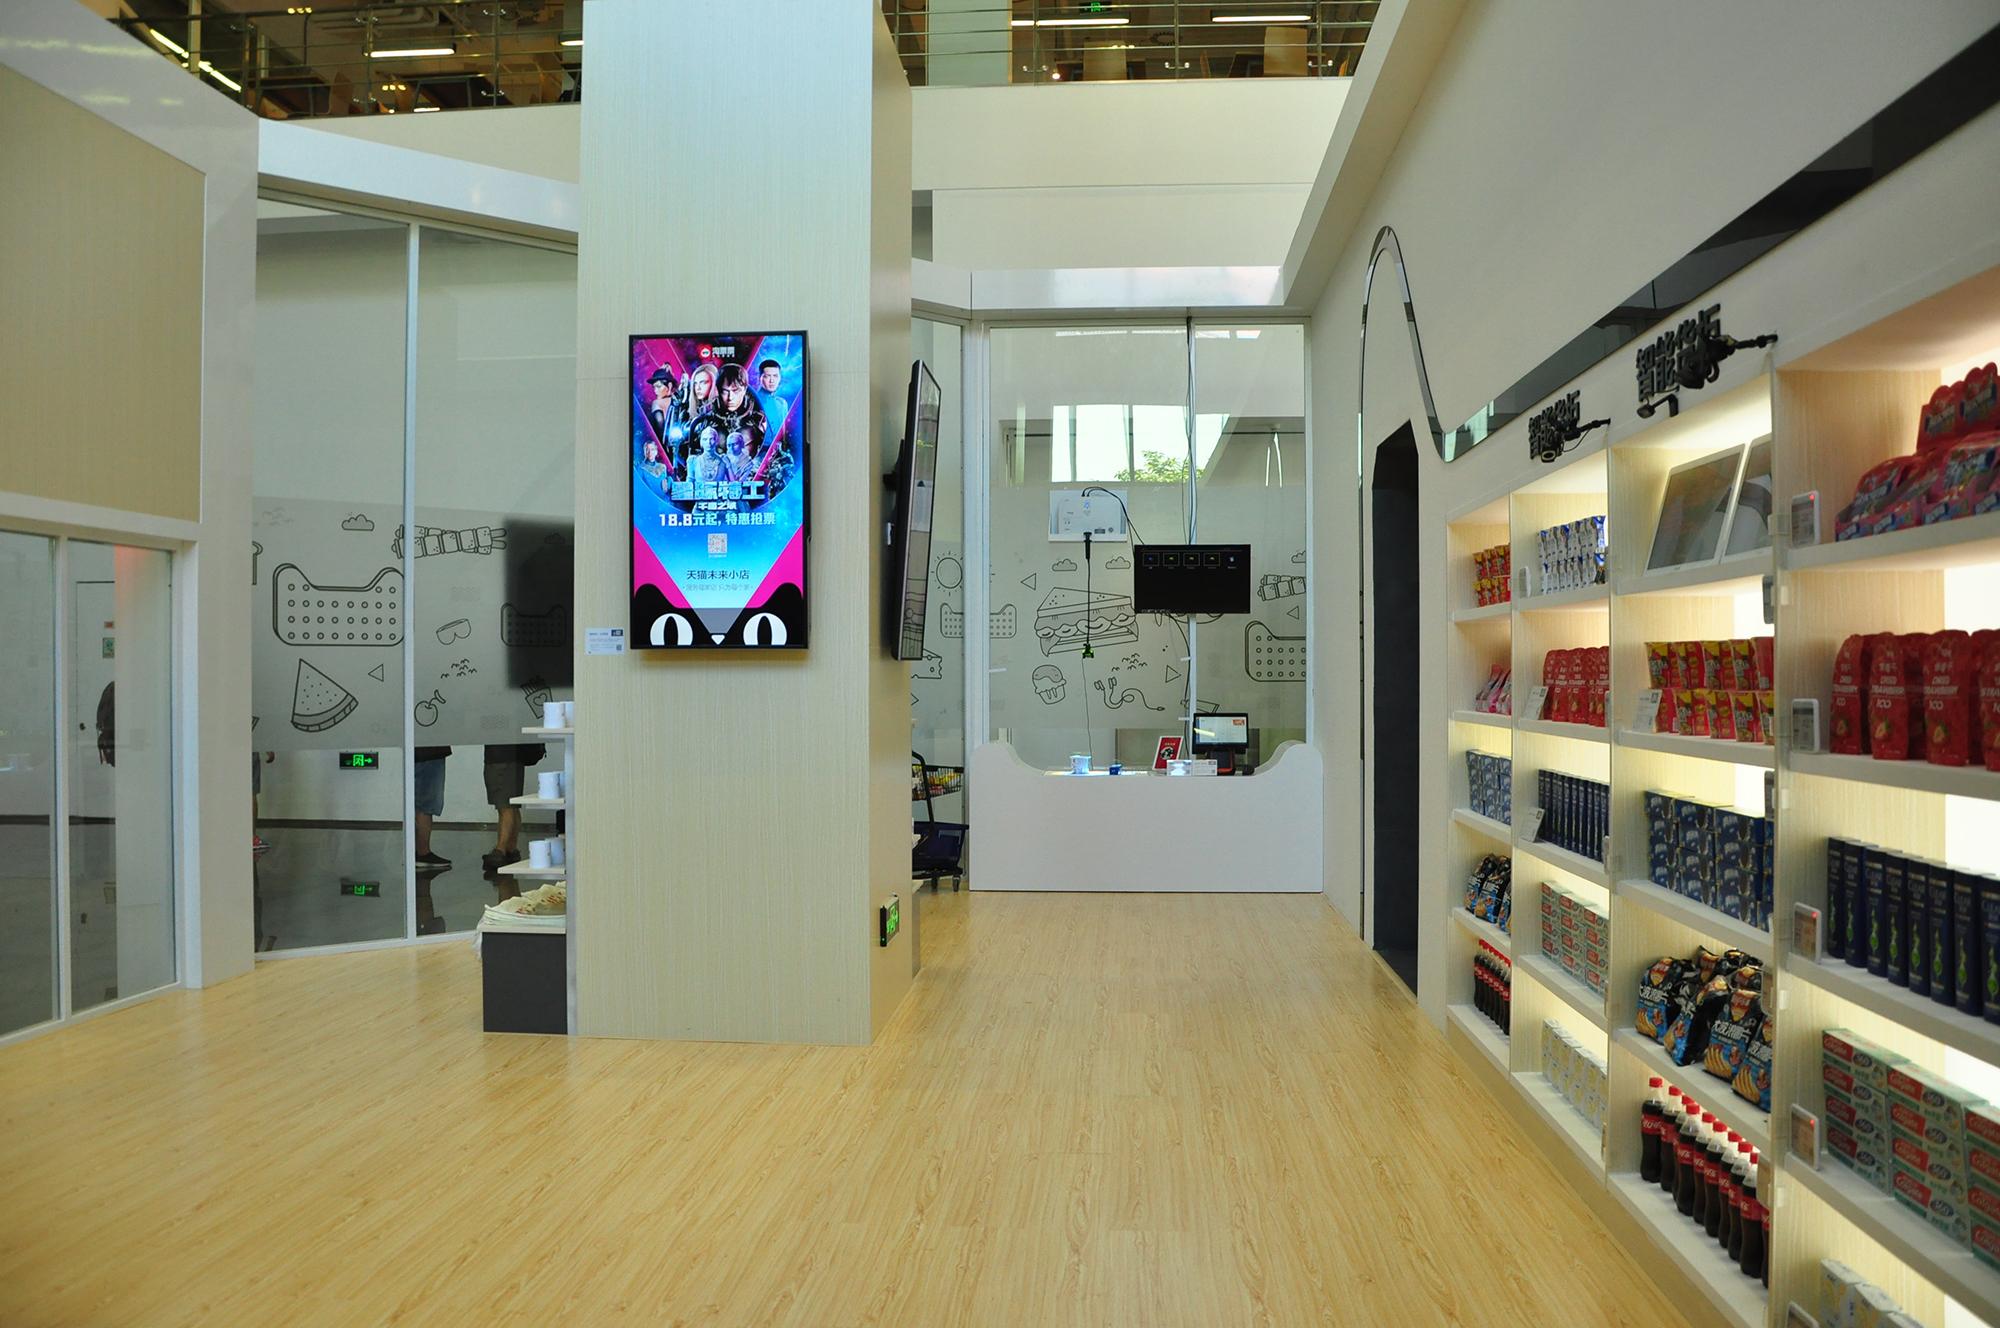 观点:天猫未来小店—零售通联合实验室设计思路(原创文章)图片